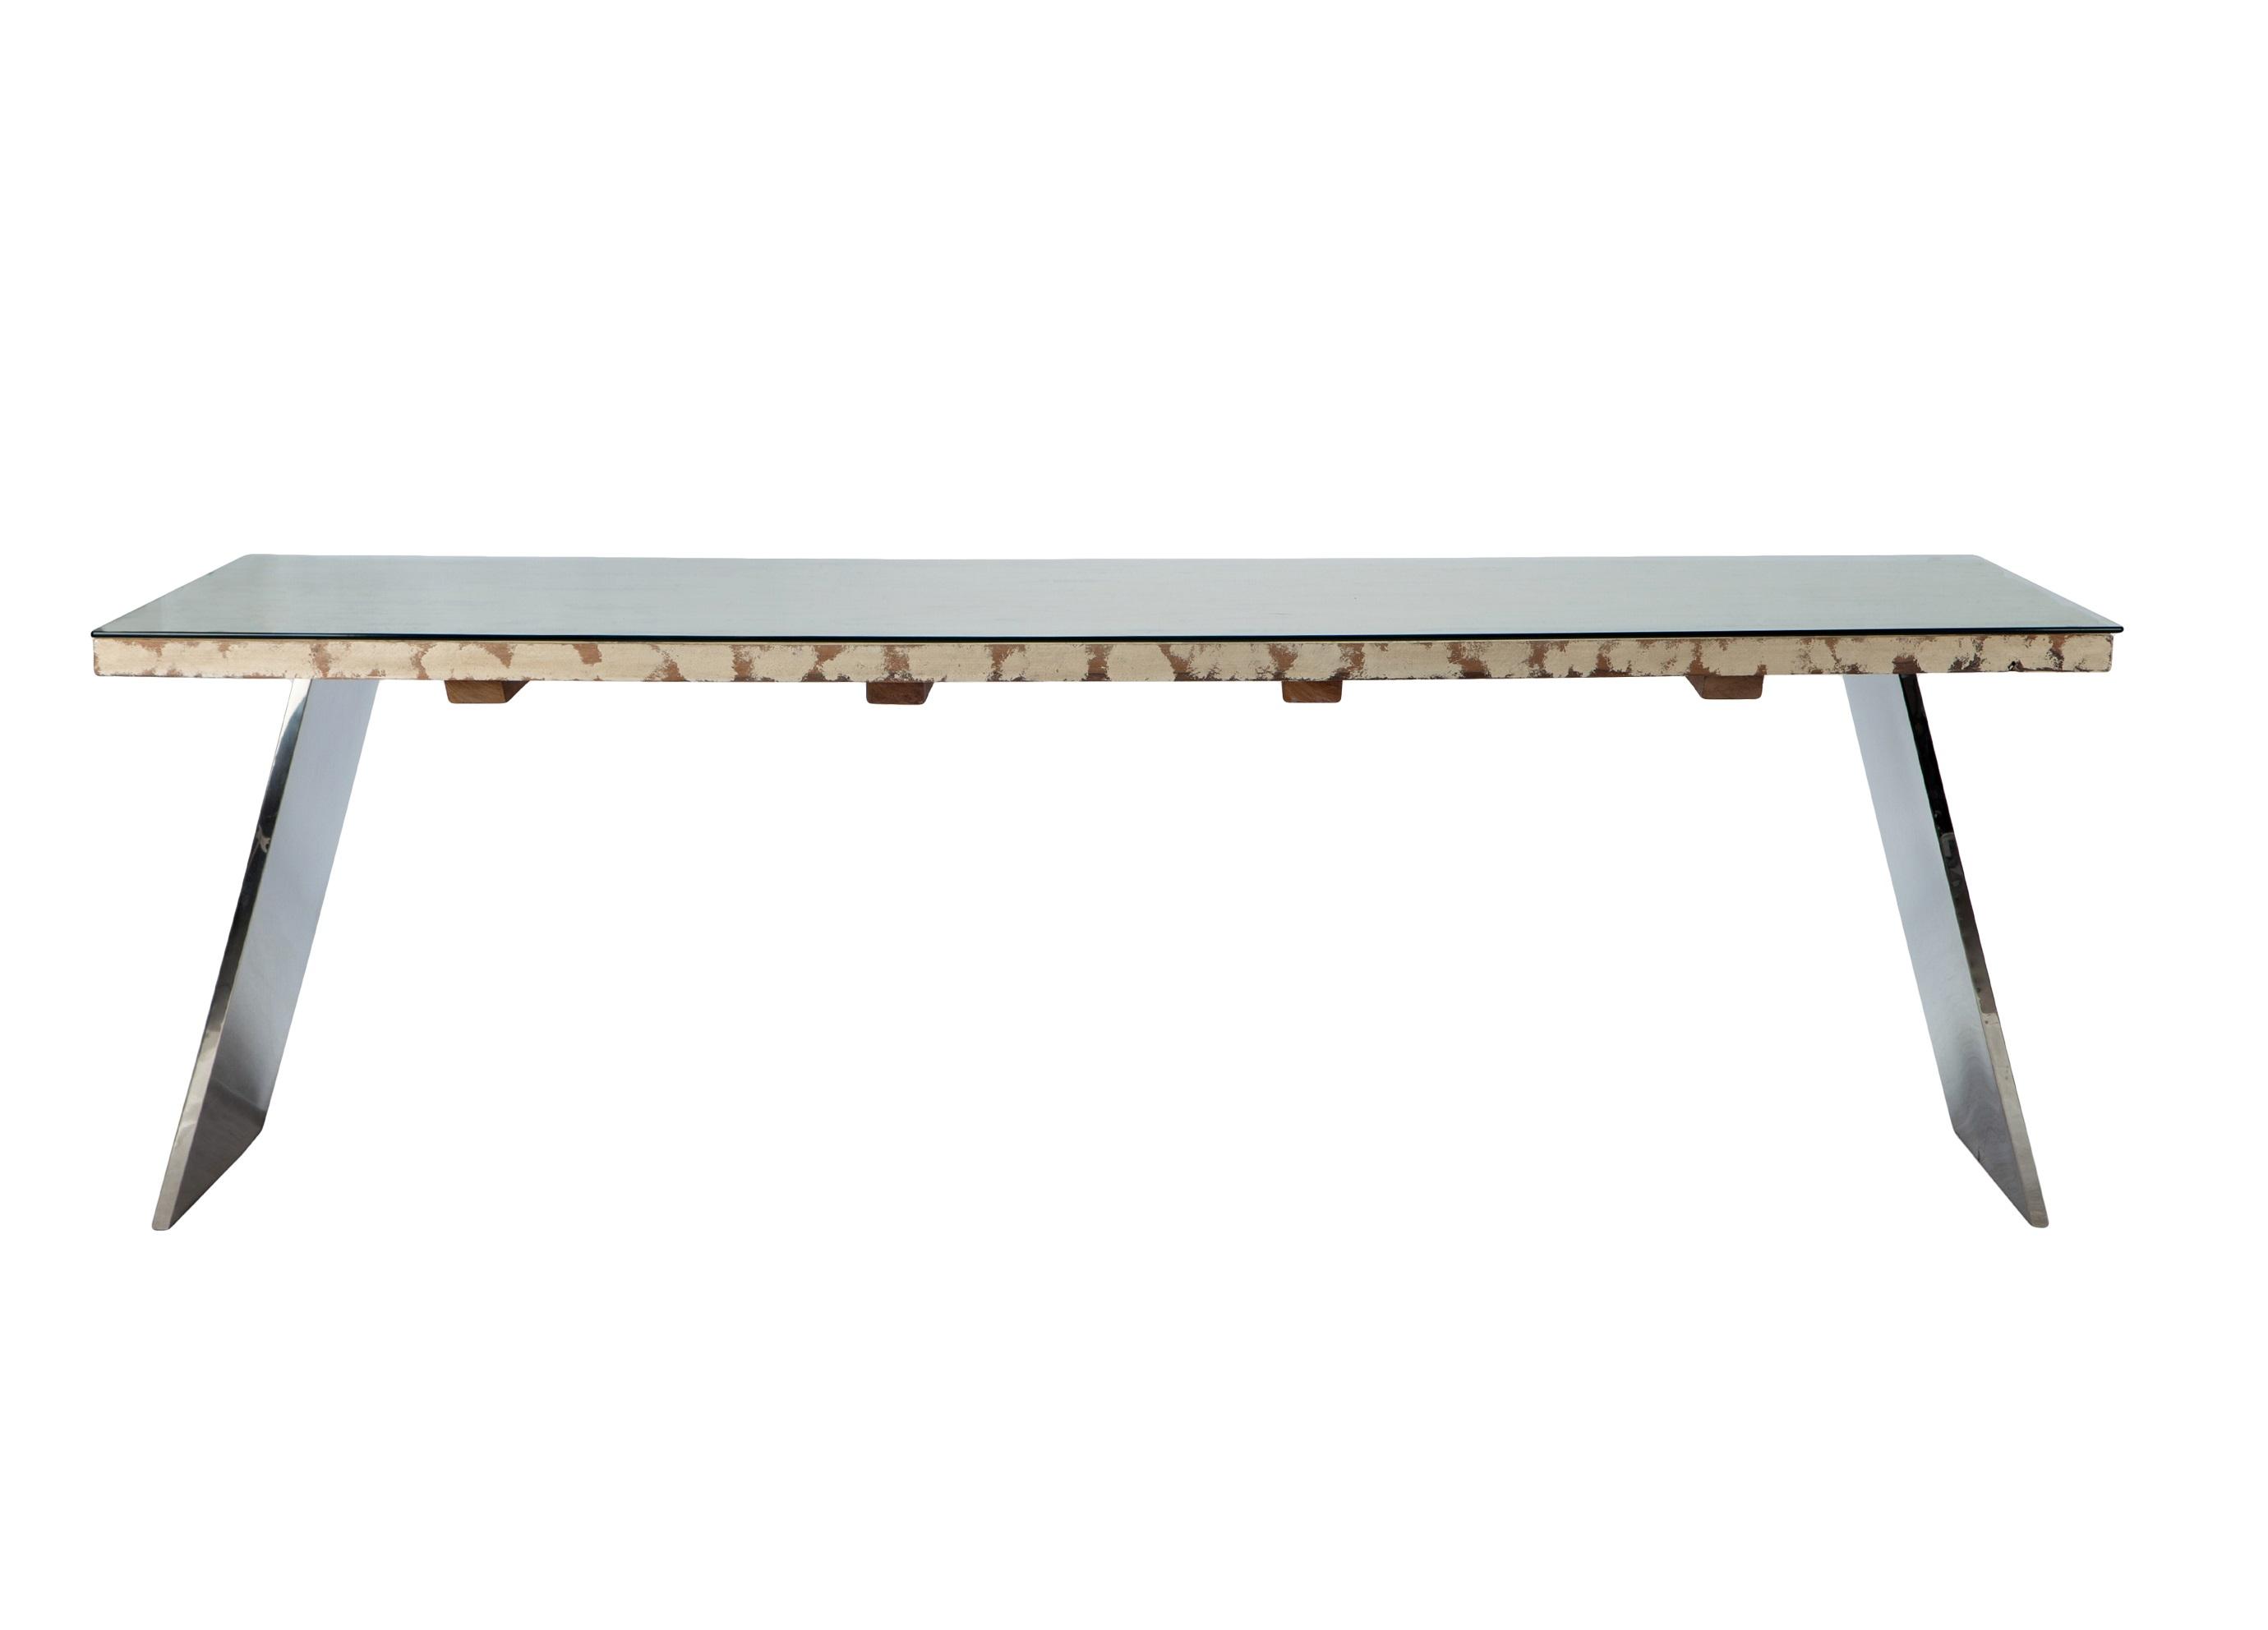 СтолОбеденные столы<br>Стол прямоугольный на двух ножках из стали со столешницей из тика в стиле корабельного дерева, со стеклом.<br><br>Material: Стекло<br>Length см: None<br>Width см: 241<br>Depth см: 101<br>Height см: 78